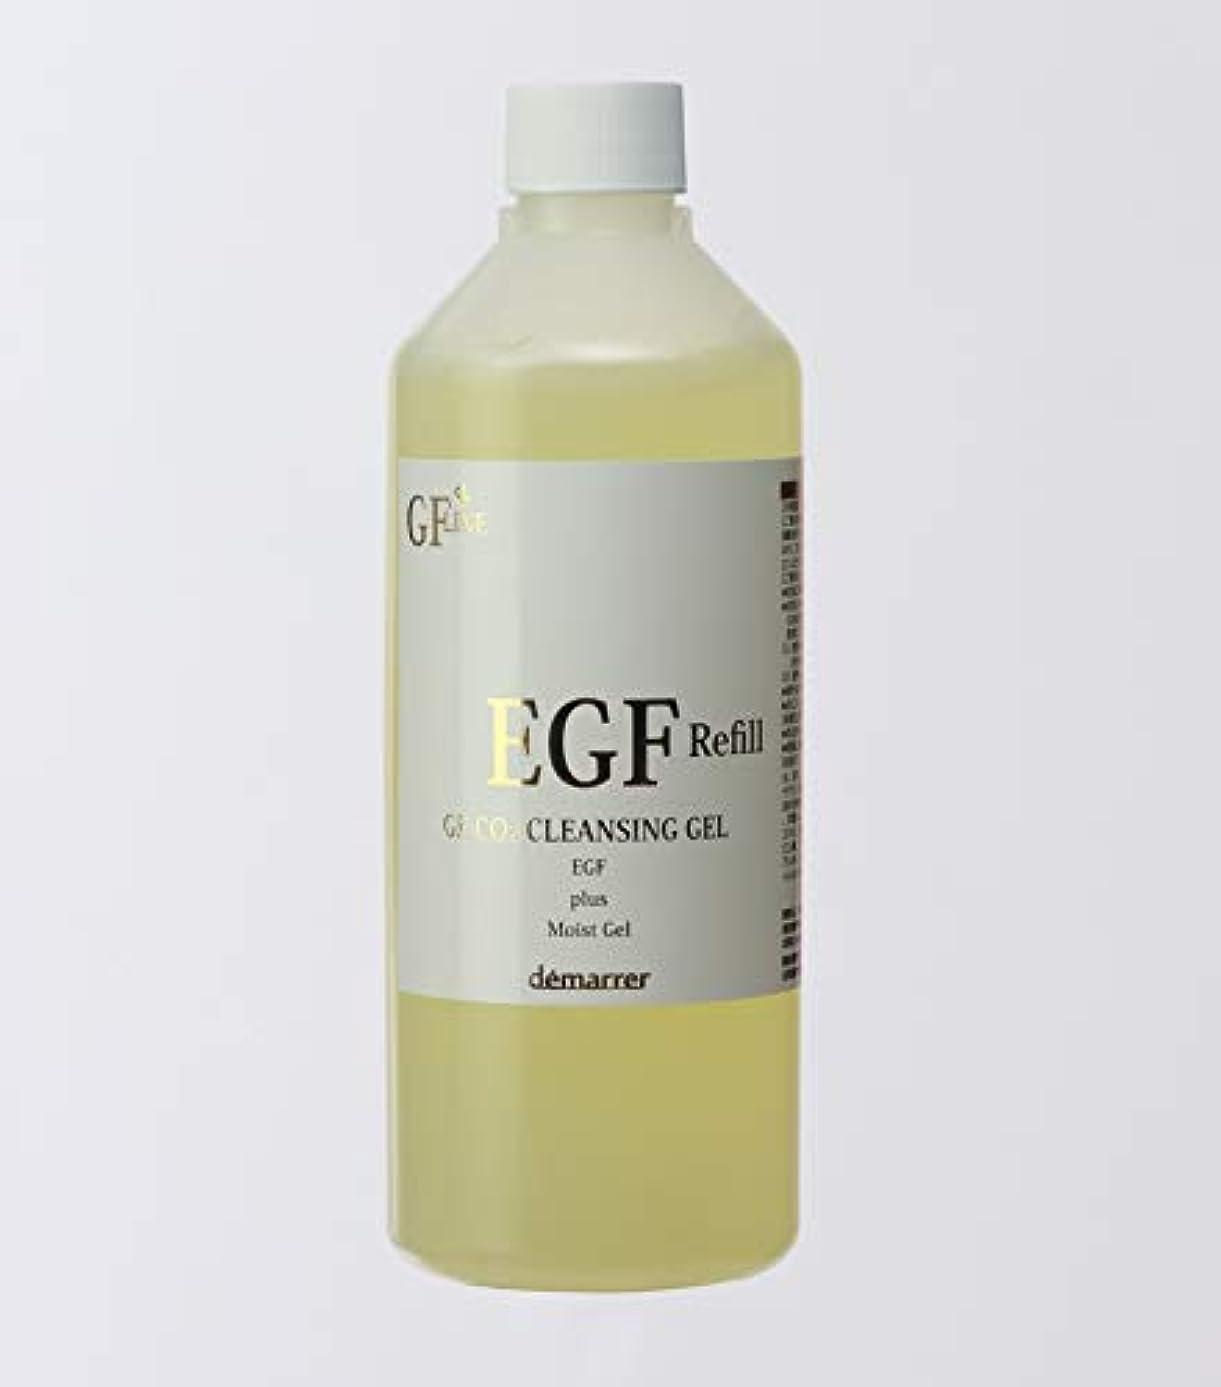 重くするセーター分数デマレ GF 炭酸洗顔クレンジング 400g レフィル